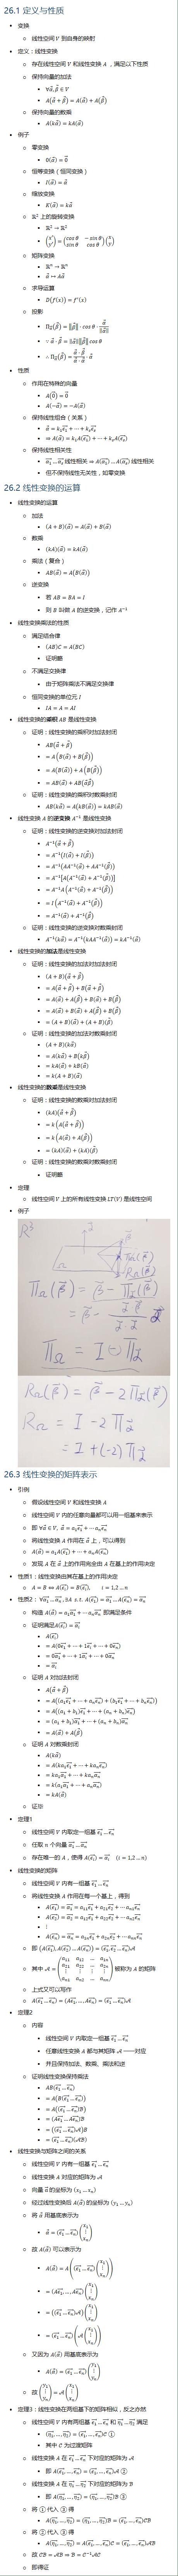 26.1 定义与性质 • 变换 ○ 线性空间 V 到自身的映射 • 定义:线性变换 ○ 存在线性空间 V 和线性变换 A ,满足以下性质 ○ 保持向量的加法 § ∀α ⃗,β ⃗∈V § A(α ⃗+β ⃗ )=A(α ⃗ )+A(β ⃗ ) ○ 保持向量的数乘 § A(kα ⃗ )=kA(α ⃗) • 例子 ○ 零变换 § 0(α ⃗ )=0 ⃗ ○ 恒等变换(恒同变换) § I(α ⃗ )=α ⃗ ○ 缩放变换 § K(α ⃗ )=kα ⃗ ○ R2 上的旋转变换 § R2→R2 § (■8(x′@y′))=(■8(cosθ&−sinθ@sinθ&cosθ ))(■8(x@y)) ○ 矩阵变换 § Rn→Rn § α ⃗↦Aα ⃗ ○ 求导运算 § D(f(x))=f^′ (x) ○ 投影 § Π_α ⃗ (β ⃗ )=‖■8(β ⃗ )‖⋅cosθ⋅■8(α ⃗ )/‖■8(α ⃗ )‖ § ∵α ⃗⋅β ⃗=‖■8(α ⃗ )‖‖■8(β ⃗ )‖ cosθ § ∴Π_α ⃗ (β ⃗ )=(α ⃗⋅β ⃗)/(α ⃗⋅α ⃗ )⋅α ⃗ • 性质 ○ 作用在特殊的向量 § A(0 ⃗ )=0 ⃗ § A(−α ⃗ )=−A(α ⃗ ) ○ 保持线性组合(关系) § α ⃗=k_1 (ϵ_1 ) ⃗+…+k_s (ϵ_s ) ⃗ § ⇒A(α ⃗ )=k_1 A((ϵ_1 ) ⃗ )+…+k_s A((ϵ_s ) ⃗ ) ○ 保持线性相关性 § (α_1 ) ⃗…(α_s ) ⃗ 线性相关⇒A((α_1 ) ⃗ )…A((α_s ) ⃗ ) 线性相关 § 但不保持线性无关性,如零变换 26.2 线性变换的运算 • 线性变换的运算 ○ 加法 § (A+B)(α ⃗ )=A(α ⃗ )+B(α ⃗ ) ○ 数乘 § (kA)(α ⃗ )=kA(α ⃗ ) ○ 乘法(复合) § AB(α ⃗ )=A(B(α ⃗ )) ○ 逆变换 § 若 AB=BA=I § 则 B 叫做 A 的逆变换,记作 A^(−1) • 线性变换乘法的性质 ○ 满足结合律 § (AB)C=A(BC) § 证明略 ○ 不满足交换律 § 由于矩阵乘法不满足交换律 ○ 恒同变换的单位元 I § IA=A=AI • 线性变换的乘积 AB 是线性变换 ○ 证明:线性变换的乘积对加法封闭 § AB(α ⃗+β ⃗ ) § =A(B(α ⃗ )+B(β ⃗ )) § =A(B(α ⃗ ))+A(B(β ⃗ )) § =AB(α ⃗ )+AB(α ⃗β ⃗ ) ○ 证明:线性变换的乘积对数乘封闭 § AB(kα ⃗ )=A(kB(α ⃗ ))=kAB(α ⃗ ) • 线性变换 A 的逆变换 A^(−1) 是线性变换 ○ 证明:线性变换的逆变换对加法封闭 § A^(−1) (α ⃗+β ⃗ ) § =A^(−1) (I(α ⃗)+I(β ⃗)) § =A^(−1) (AA^(−1) (α ⃗)+AA^(−1) (β ⃗)) § =A^(−1) [A(A^(−1) (α ⃗ )+A^(−1) (β ⃗))] § =A^(−1) A(A^(−1) (α ⃗ )+A^(−1) (β ⃗ )) § =I(A^(−1) (α ⃗ )+A^(−1) (β ⃗ )) § =A^(−1) (α ⃗ )+A^(−1) (β ⃗ ) ○ 证明:线性变换的逆变换对数乘封闭 § A^(−1) (kα ⃗ )=A^(−1) (kAA^(−1) (α ⃗ ))=kA^(−1) (α ⃗ ) • 线性变换的加法是线性变换 ○ 证明:线性变换的加法对加法封闭 § (A+B)(α ⃗+β ⃗ ) § =A(α ⃗+β ⃗ )+B(α ⃗+β ⃗ ) § =A(α ⃗ )+A(β ⃗ )+B(α ⃗ )+B(β ⃗ ) § =A(α ⃗ )+B(α ⃗ )+A(β ⃗ )+B(β ⃗ ) § =(A+B)(α ⃗ )+(A+B)(β ⃗) ○ 证明:线性变换的加法对数乘封闭 § (A+B)(kα ⃗ ) § =A(kα ⃗ )+B(kβ ⃗ ) § =kA(α ⃗ )+kB(α ⃗ ) § =k(A+B)(α ⃗) • 线性变换的数乘是线性变换 ○ 证明:线性变换的数乘对加法封闭 § (kA)(α ⃗+β ⃗ ) § =k(A(α ⃗+β ⃗ )) § =k(A(α ⃗ )+A(β ⃗ )) § =(kA)(α ⃗ )+(kA)(β ⃗) ○ 证明:线性变换的数乘对数乘封闭 § 证明略 • 定理 ○ 线性空间 V 上的所有线性变换 LT(V) 是线性空间 • 例子 26.3 线性变换的矩阵表示 • 引例 ○ 假设线性空间 V 和线性变换 A ○ 线性空间 V 内的任意向量都可以用一组基来表示 ○ 即 ∀α 